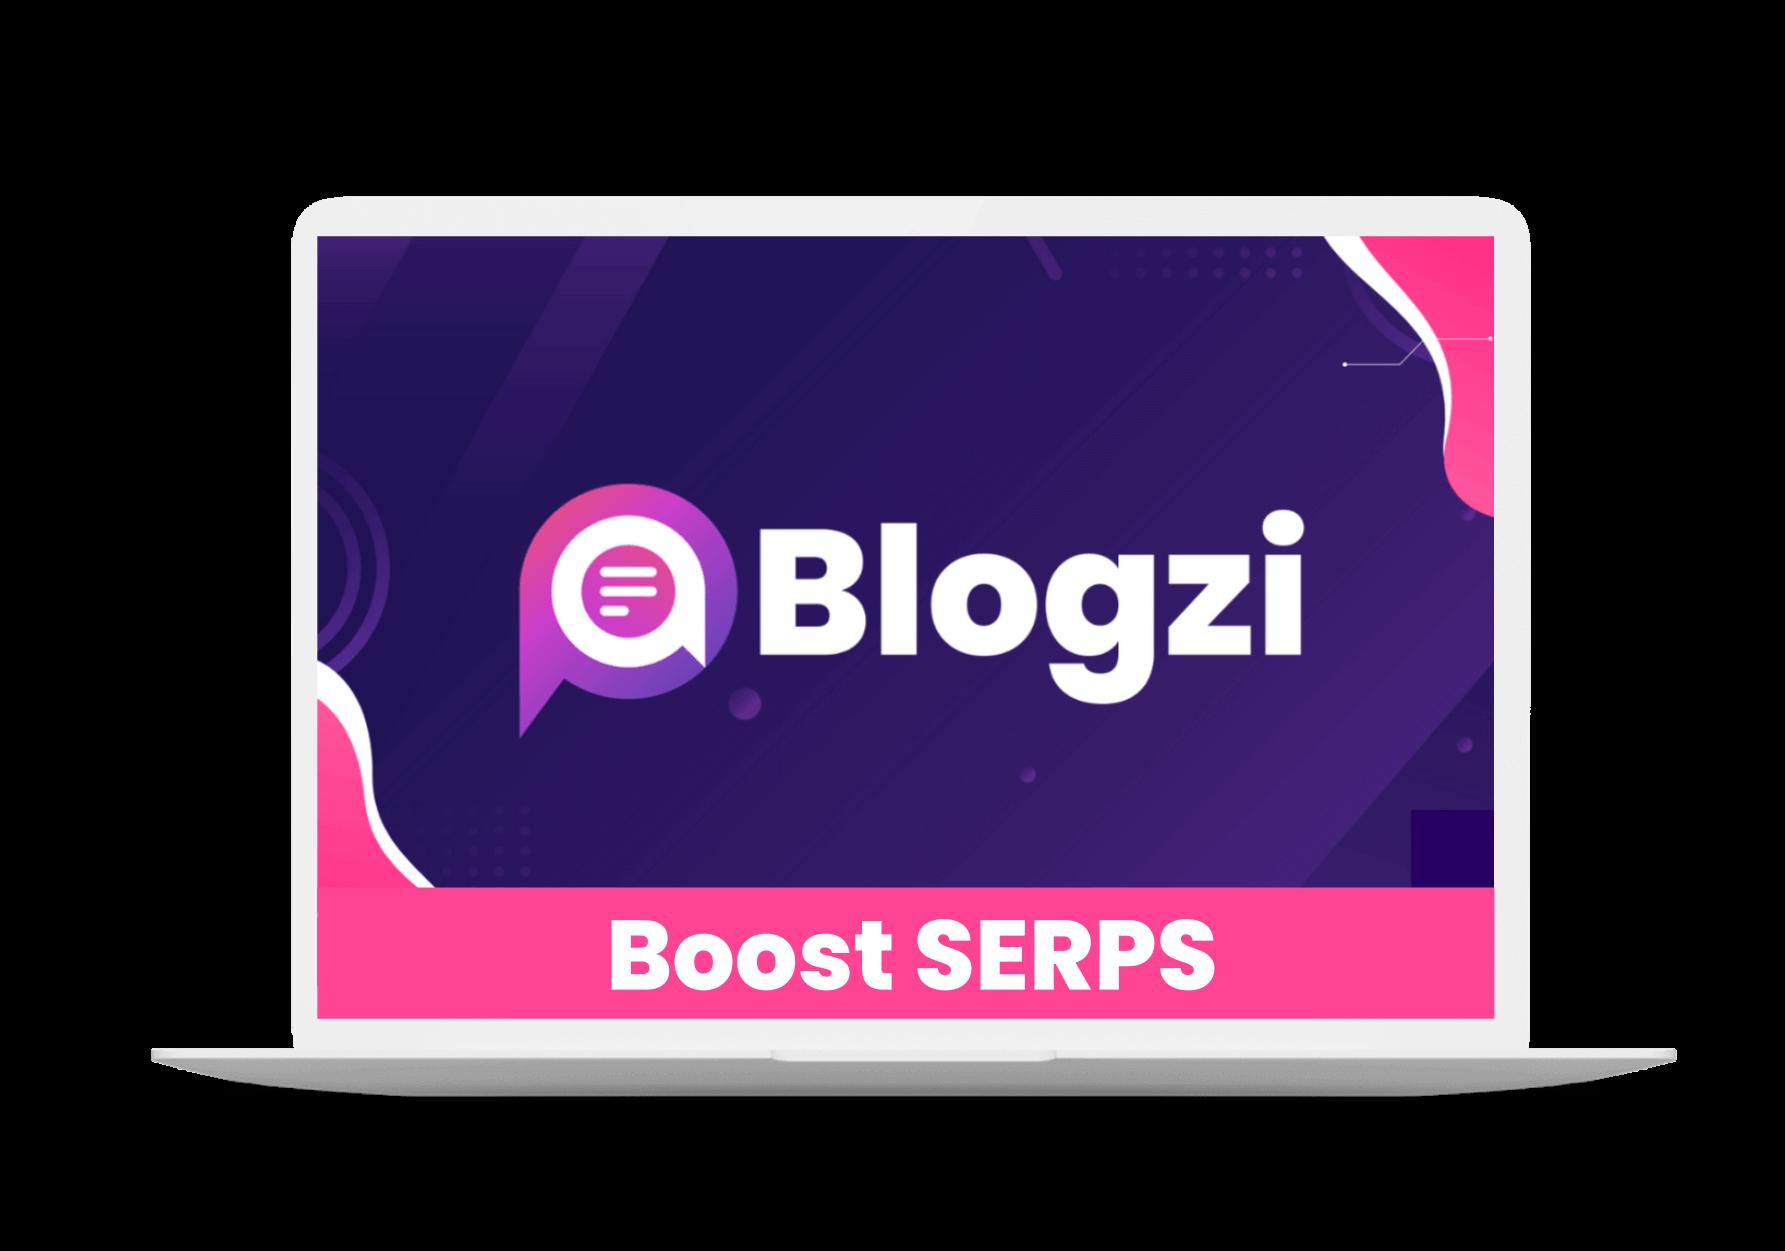 Blogzi-feature-5